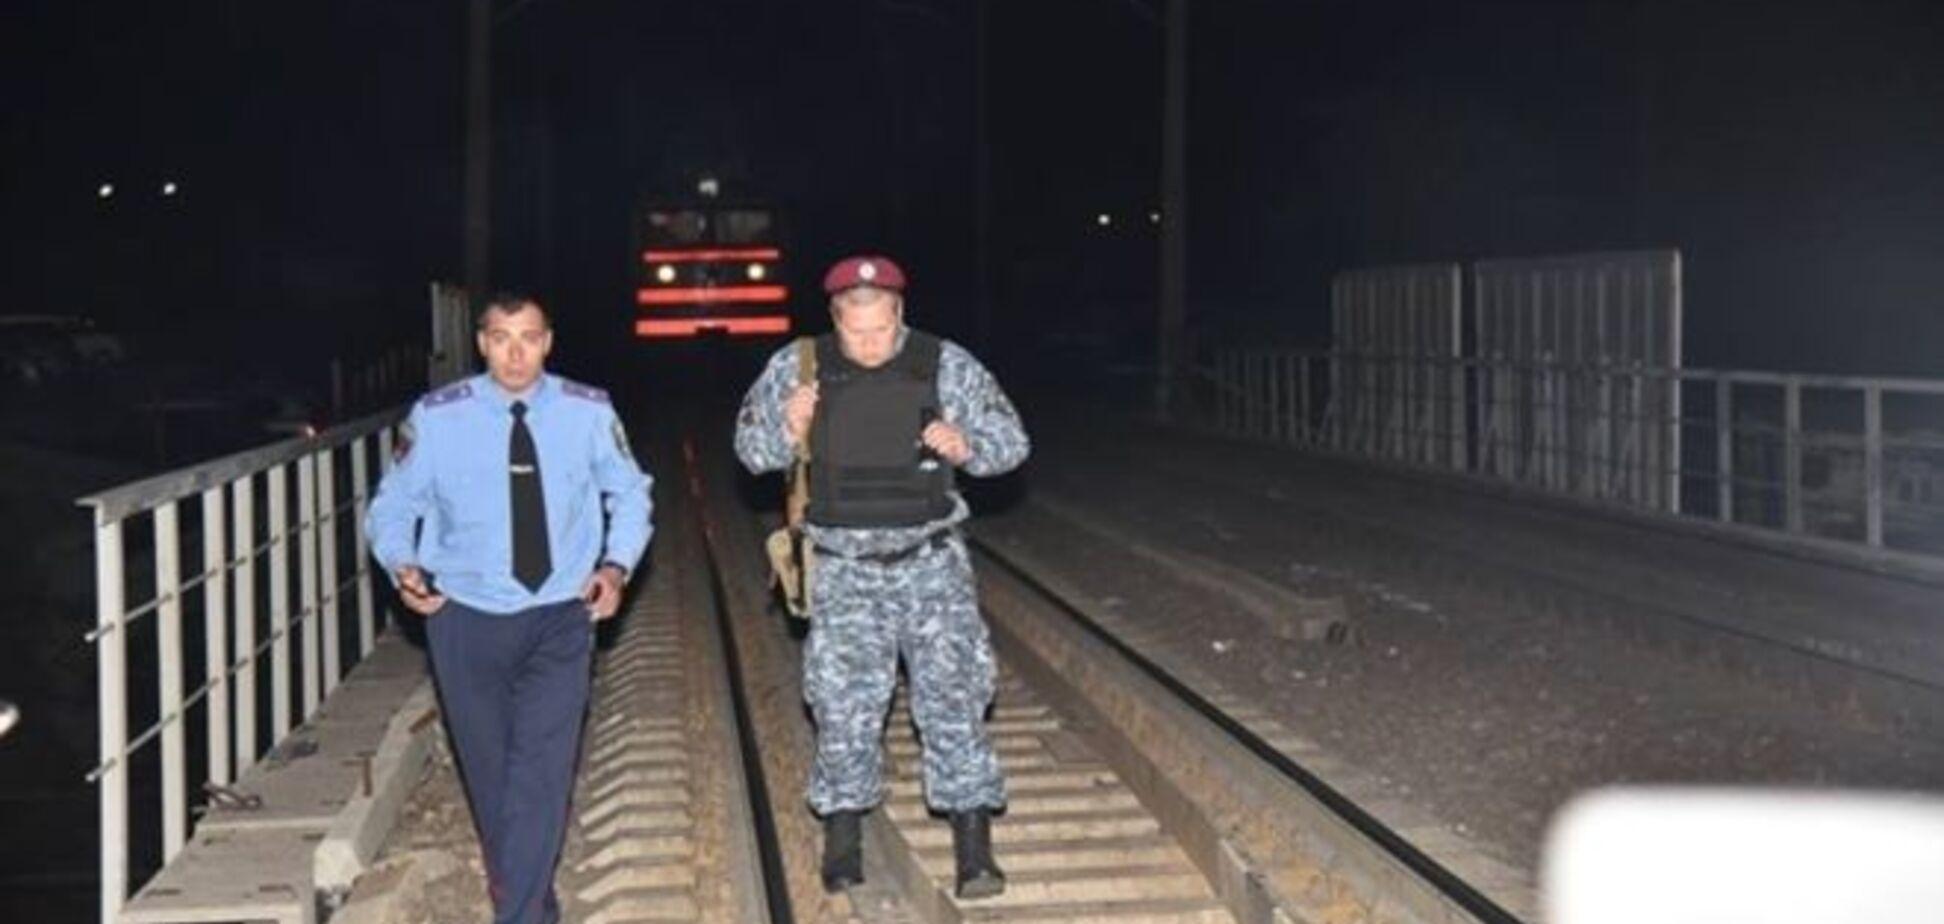 Стали известны подробности ночного взрыва в Одессе: поезд спас 18-летний юноша